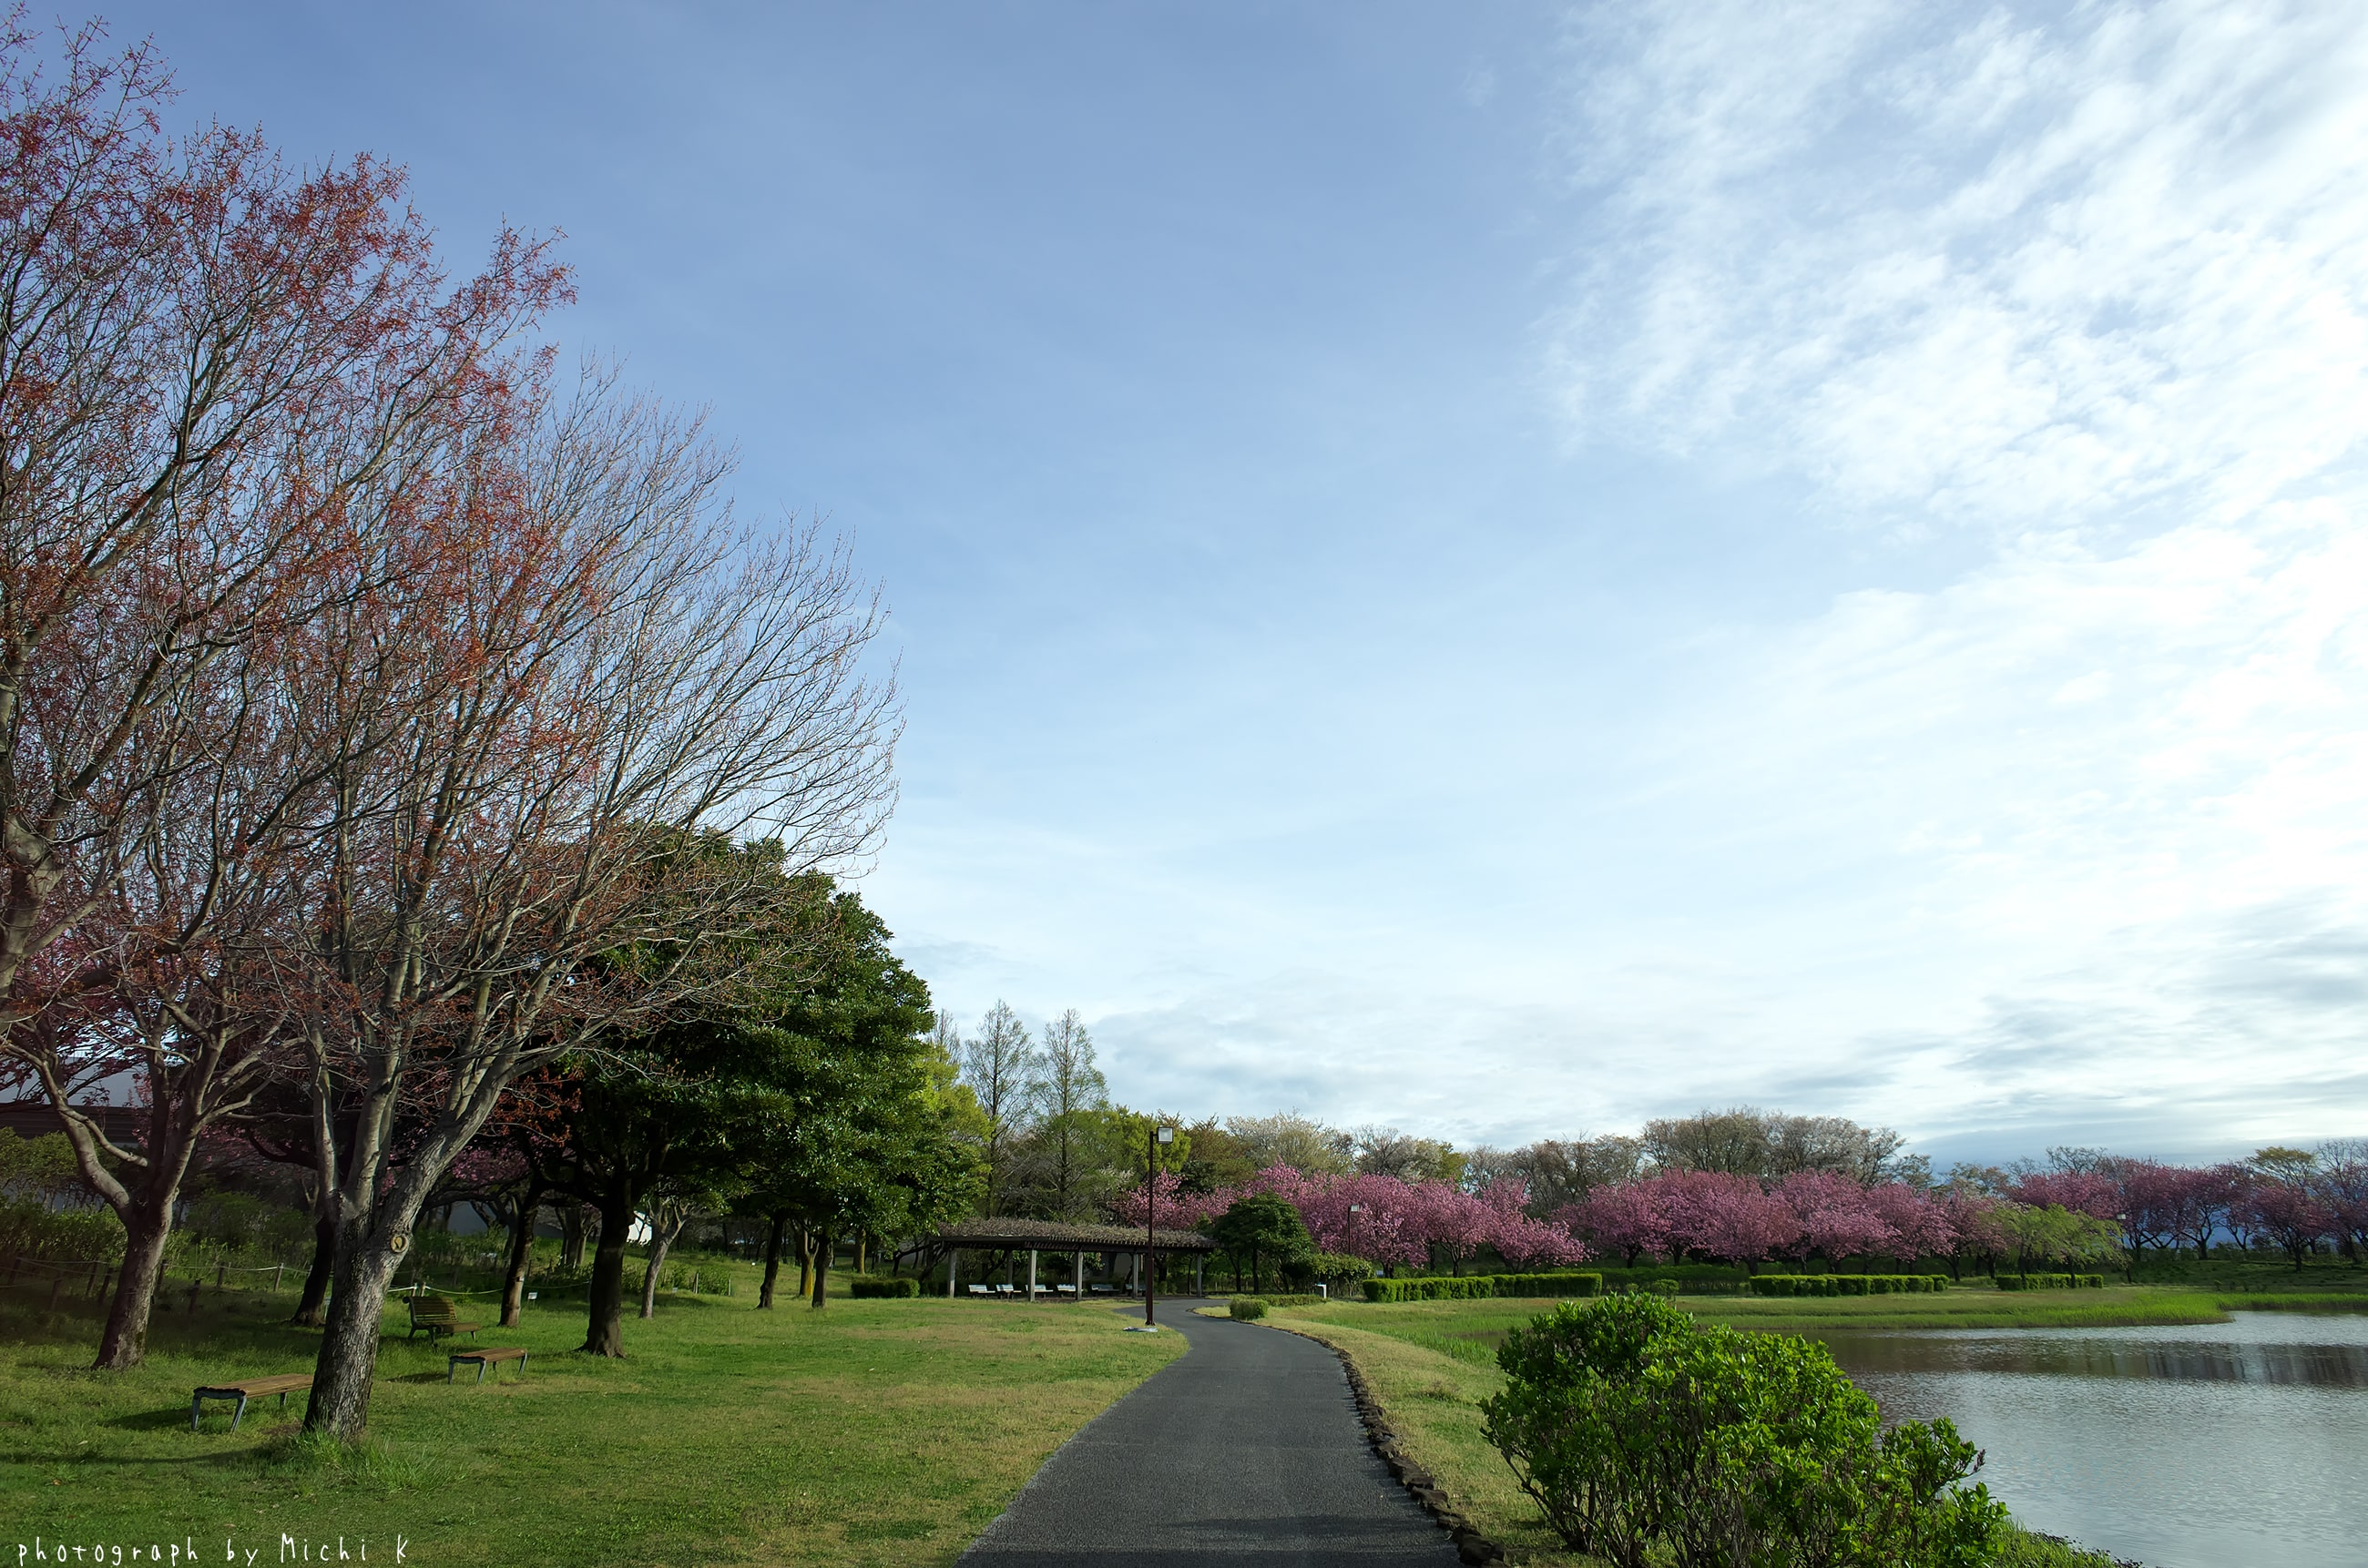 土門拳記念館にて2019-5-1朝(写真その4)